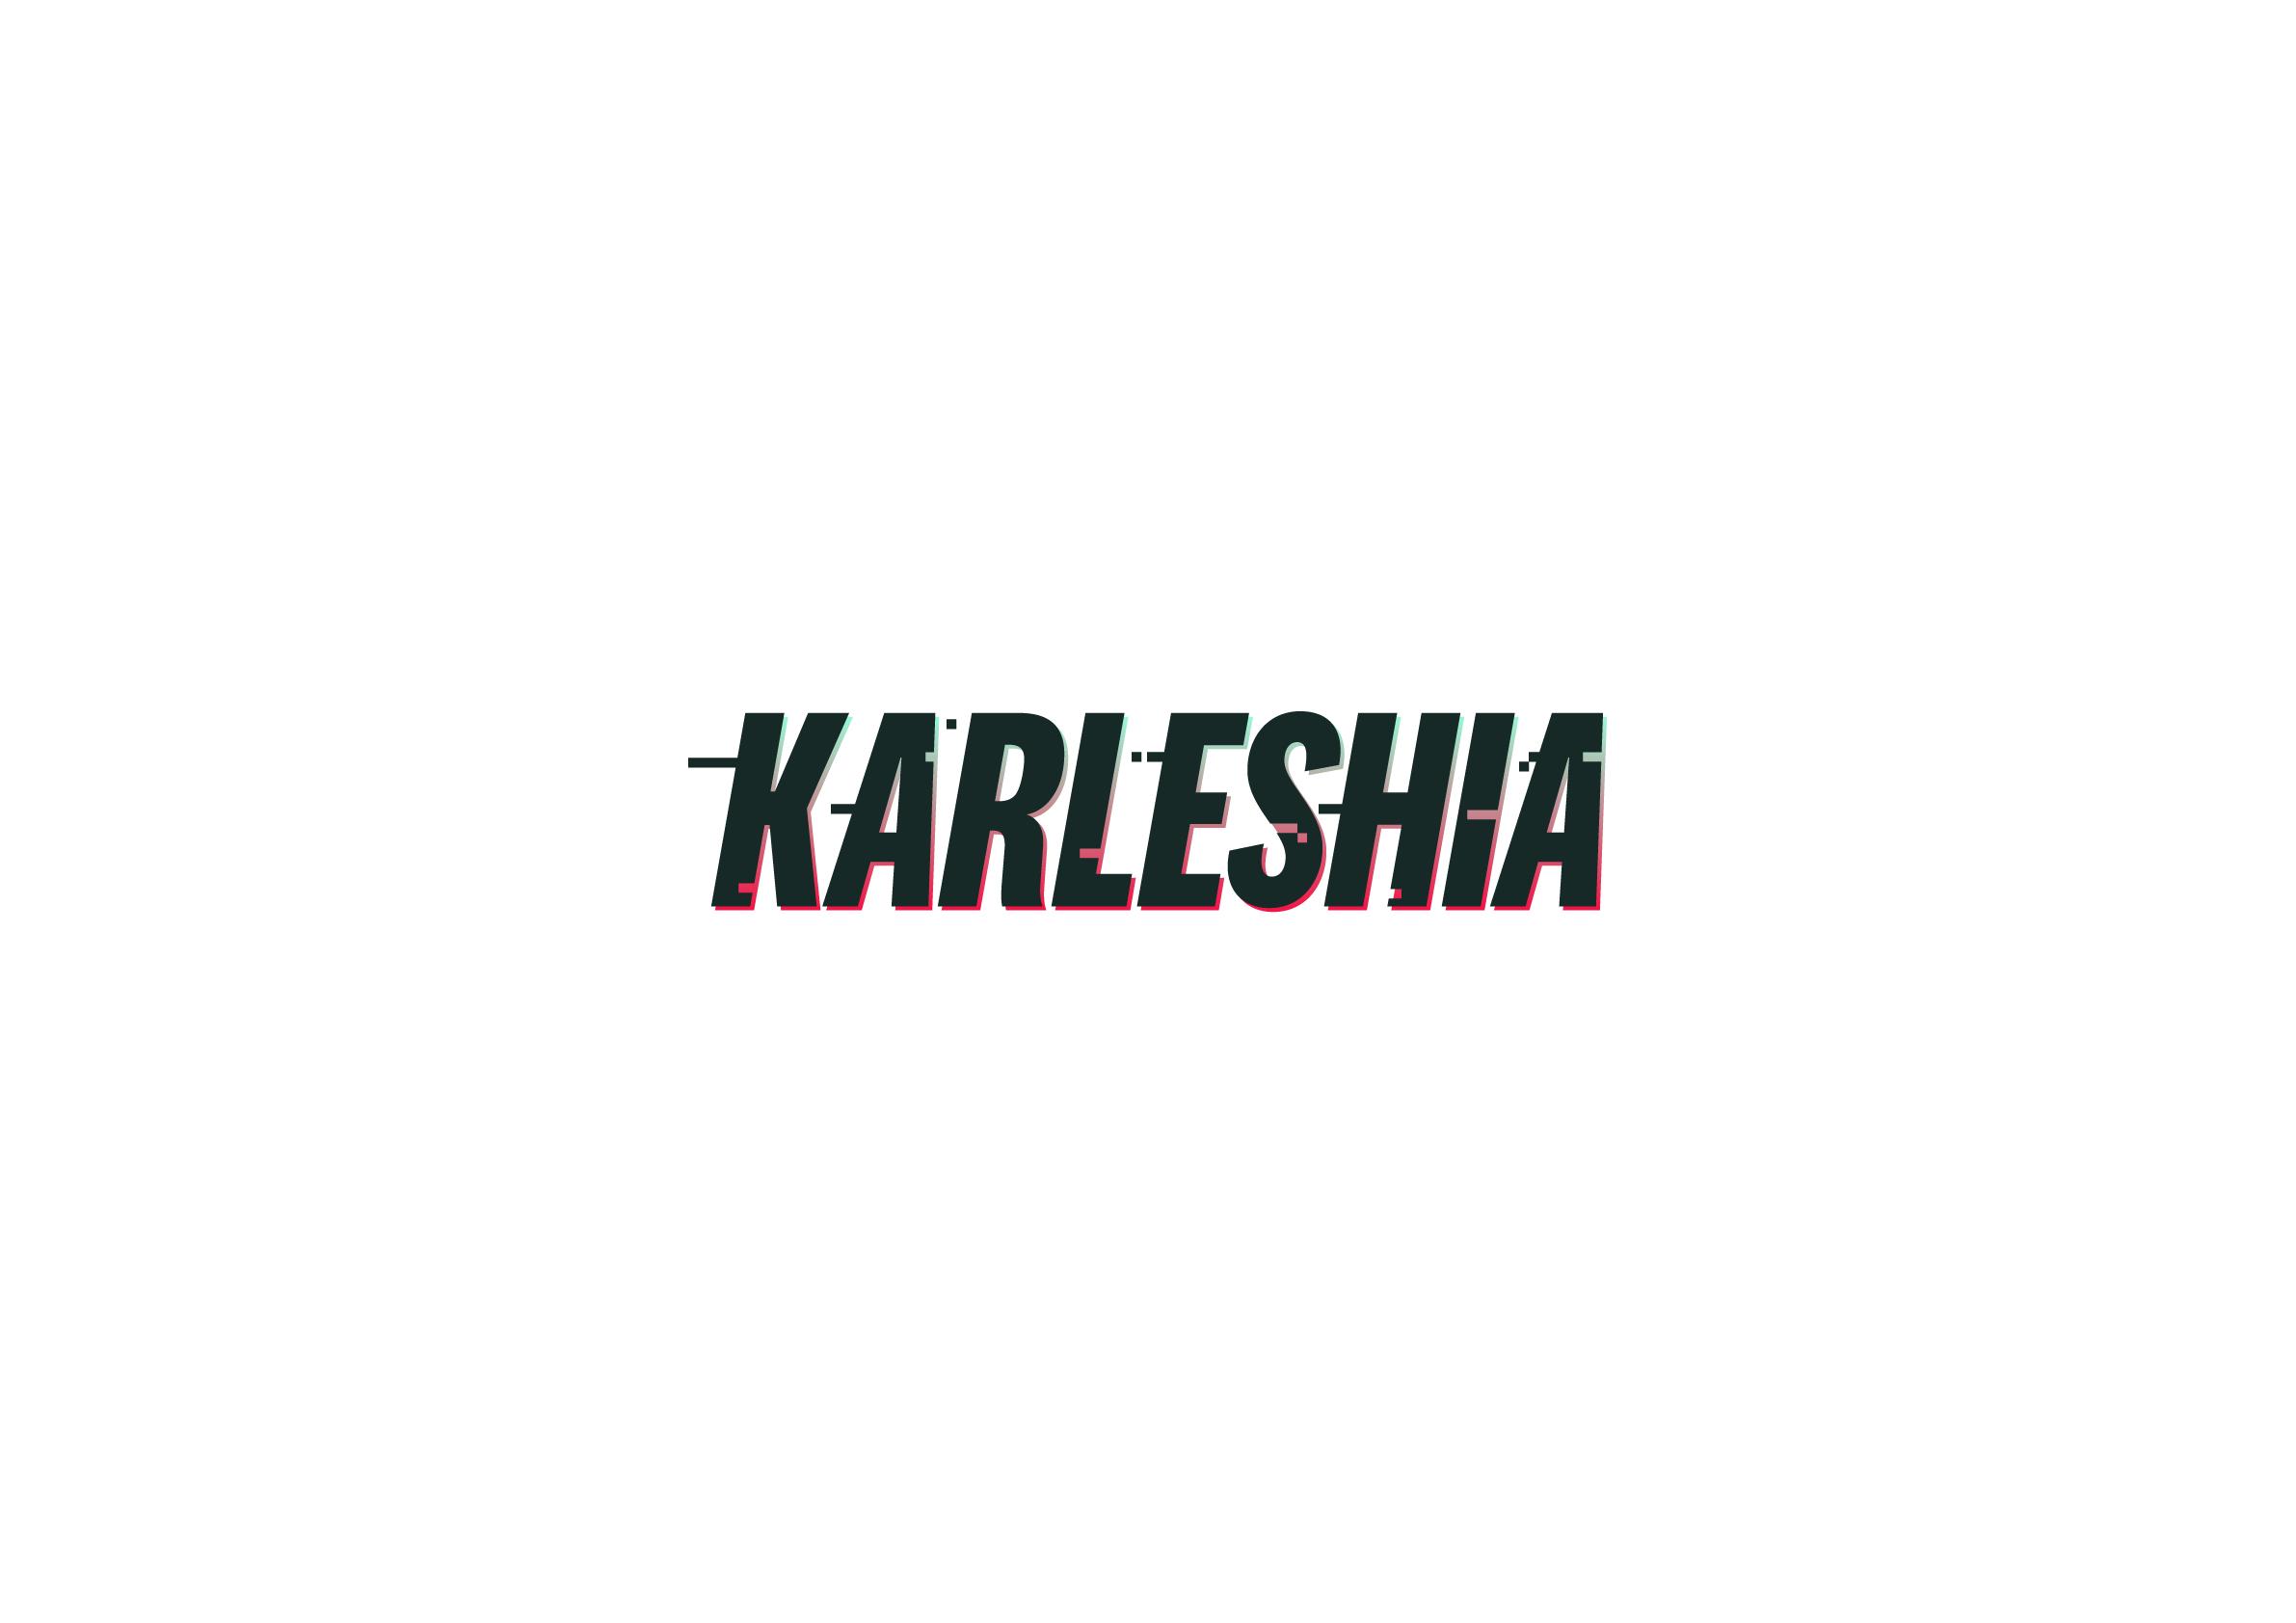 karleshia-2.jpg